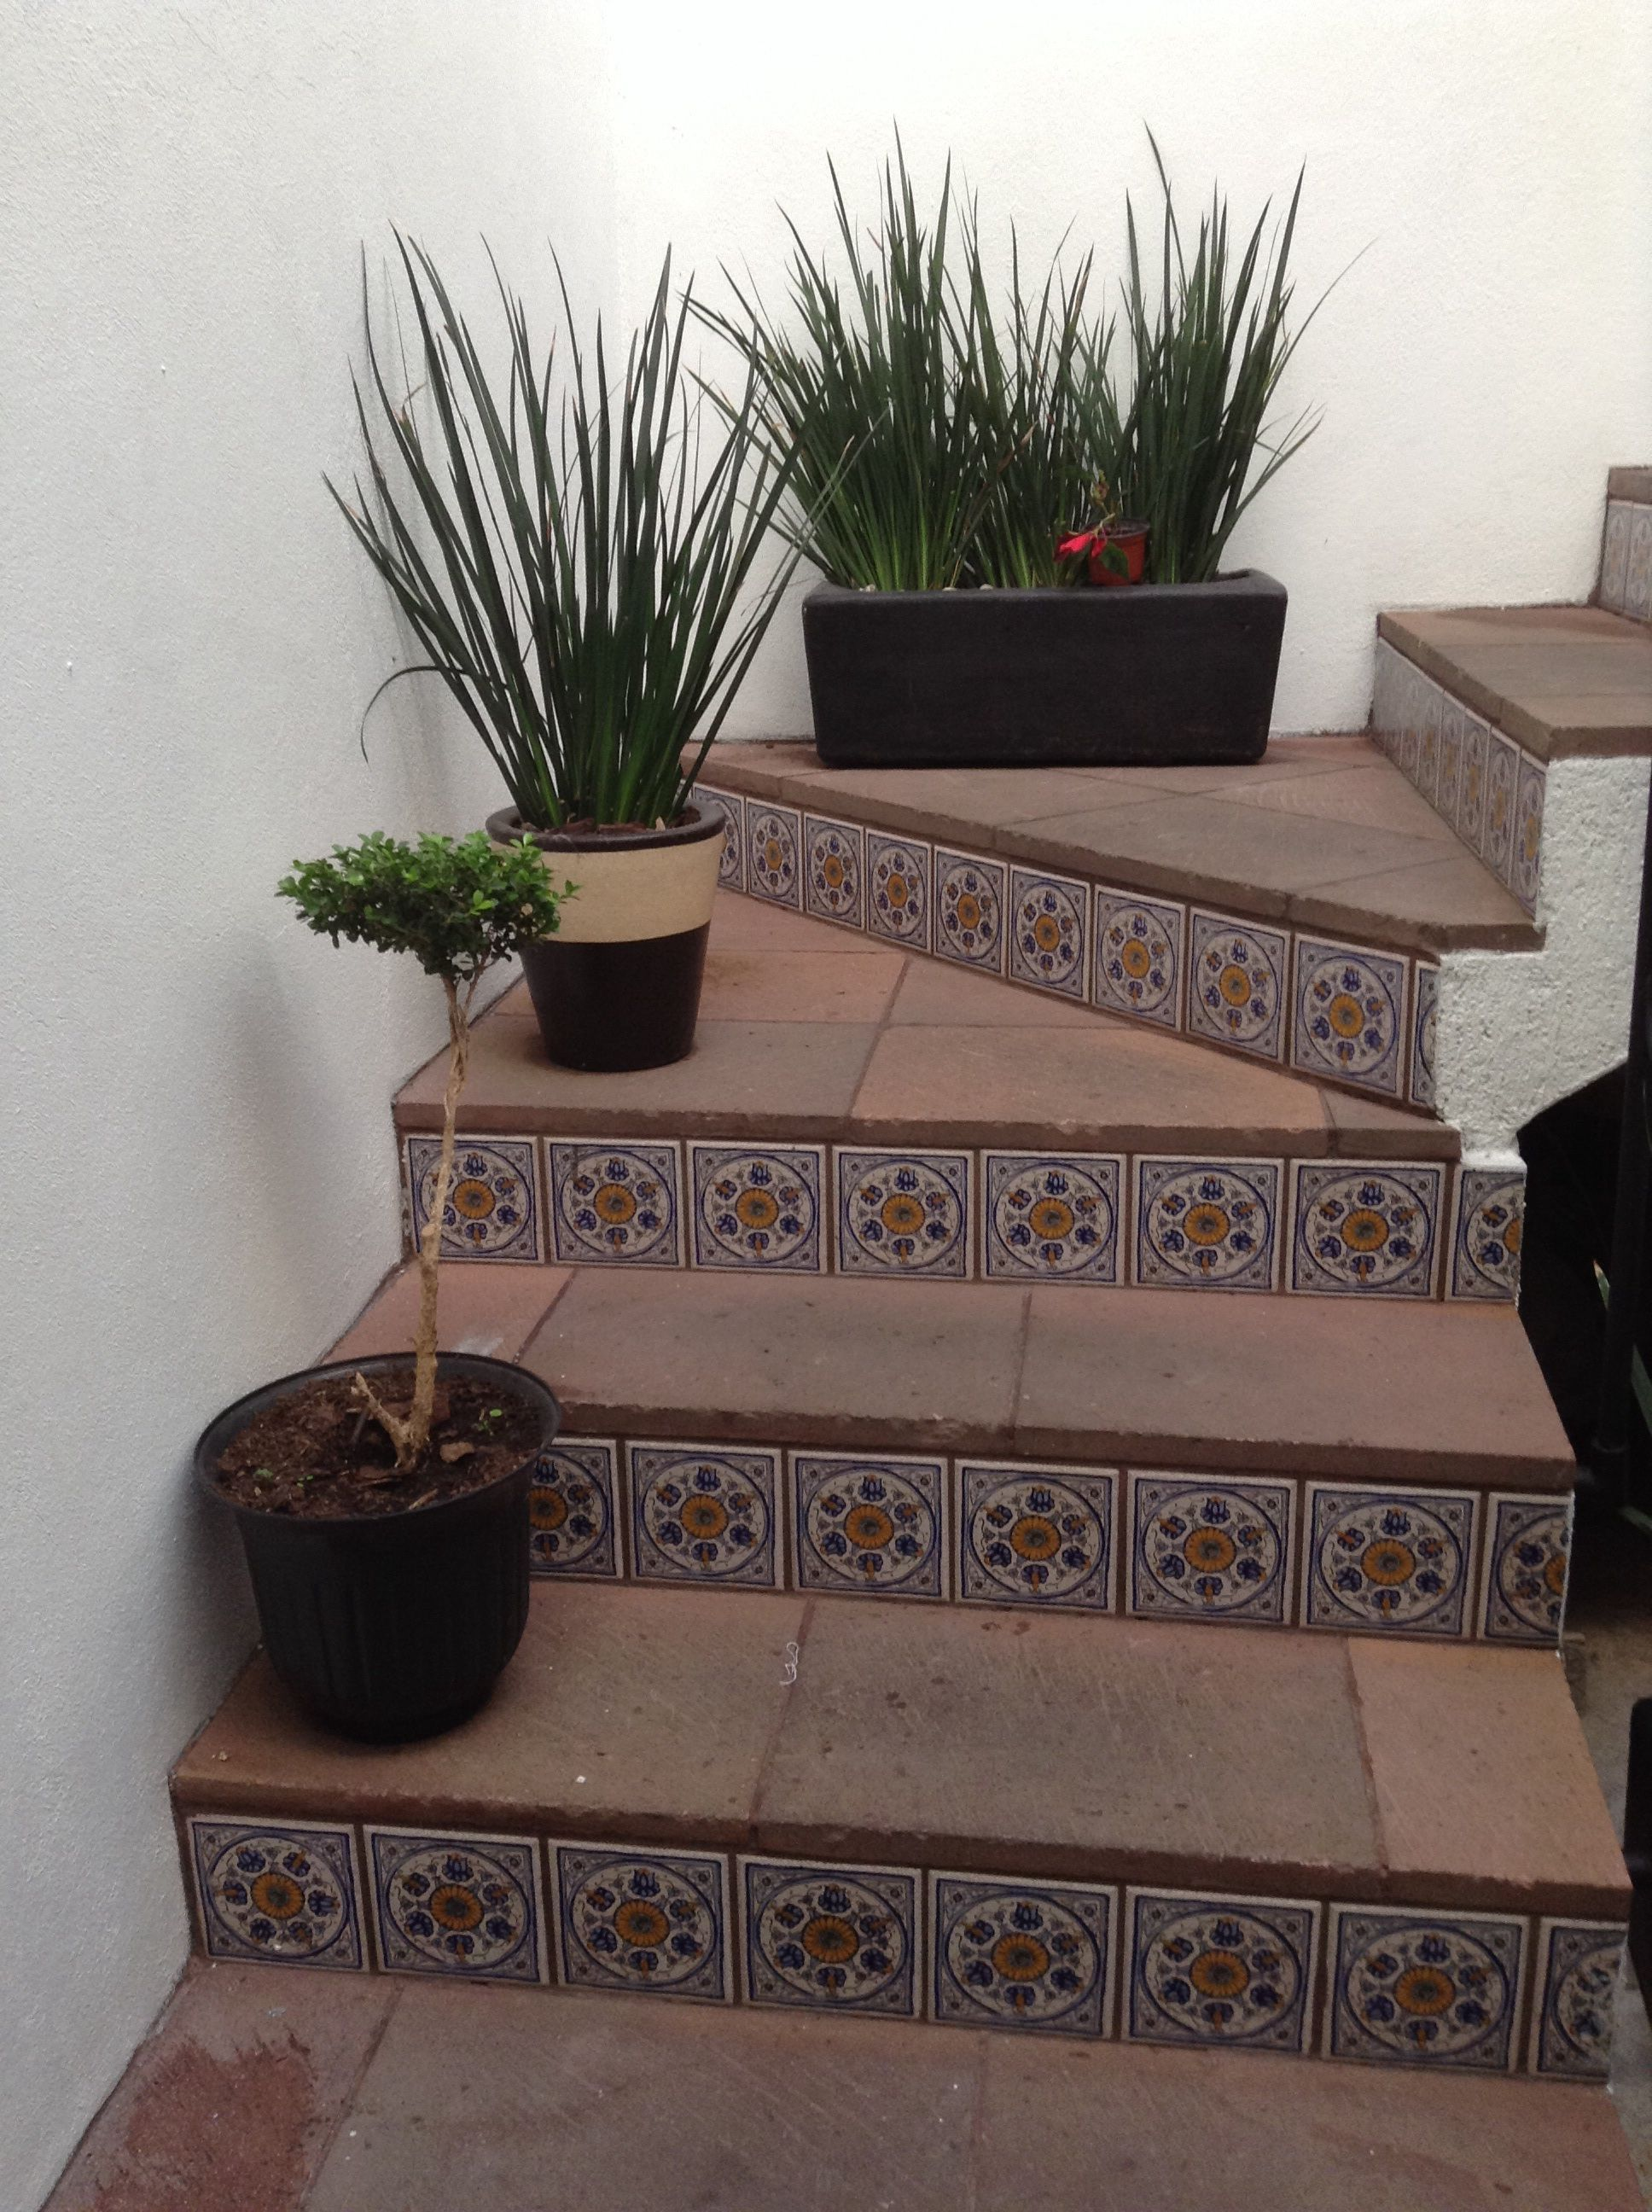 Escaleras rusticas en el hogar en 2019 escaleras for Decoraciones rusticas para el hogar